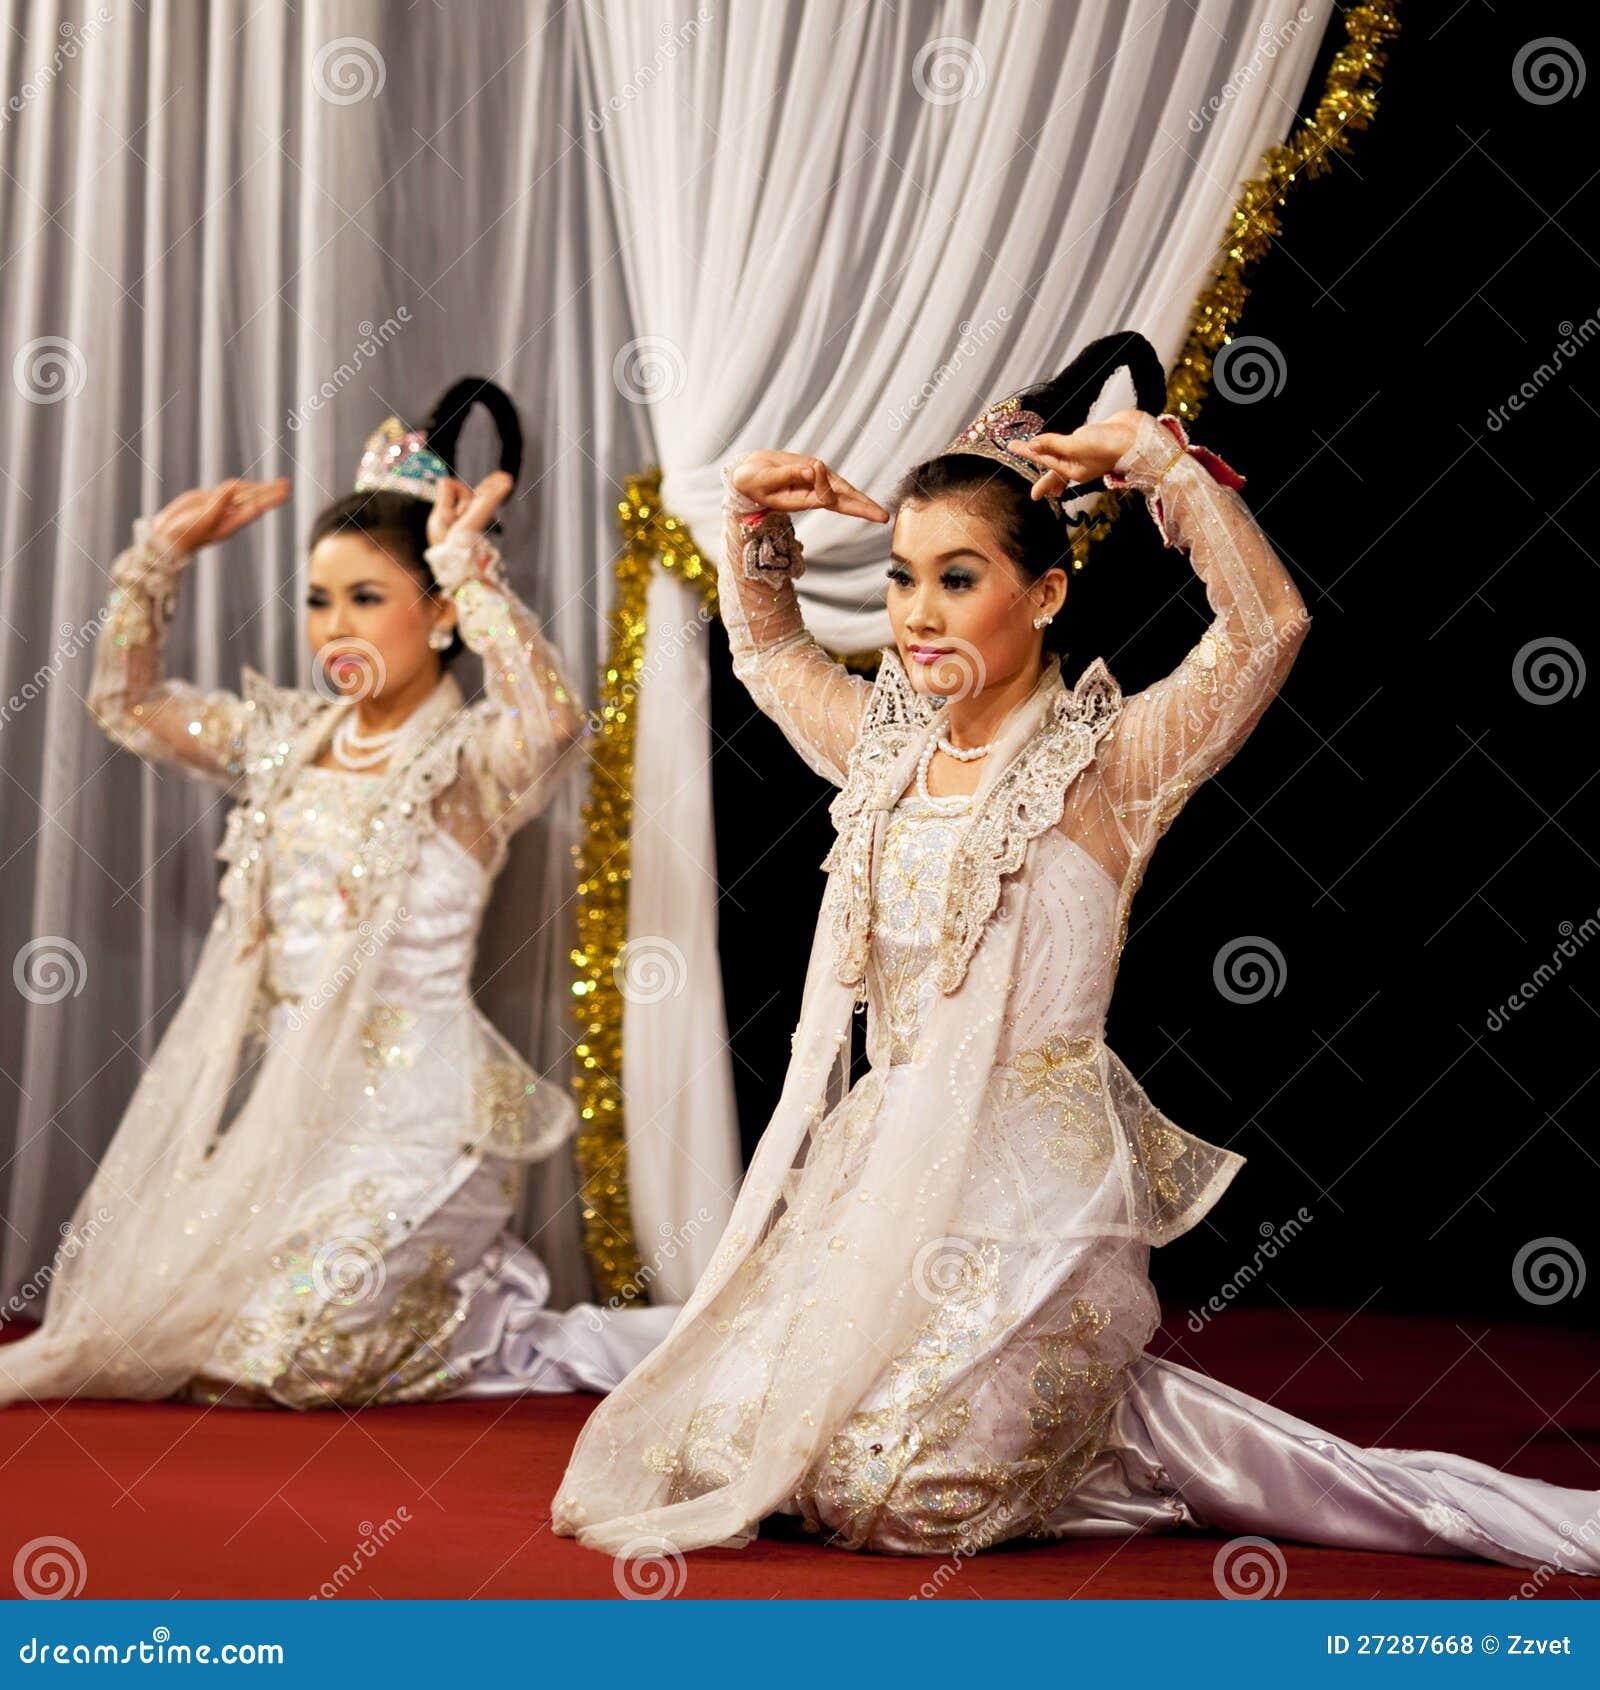 Burmese Dance Myanmar Editorial Stock Photo Image 27287668